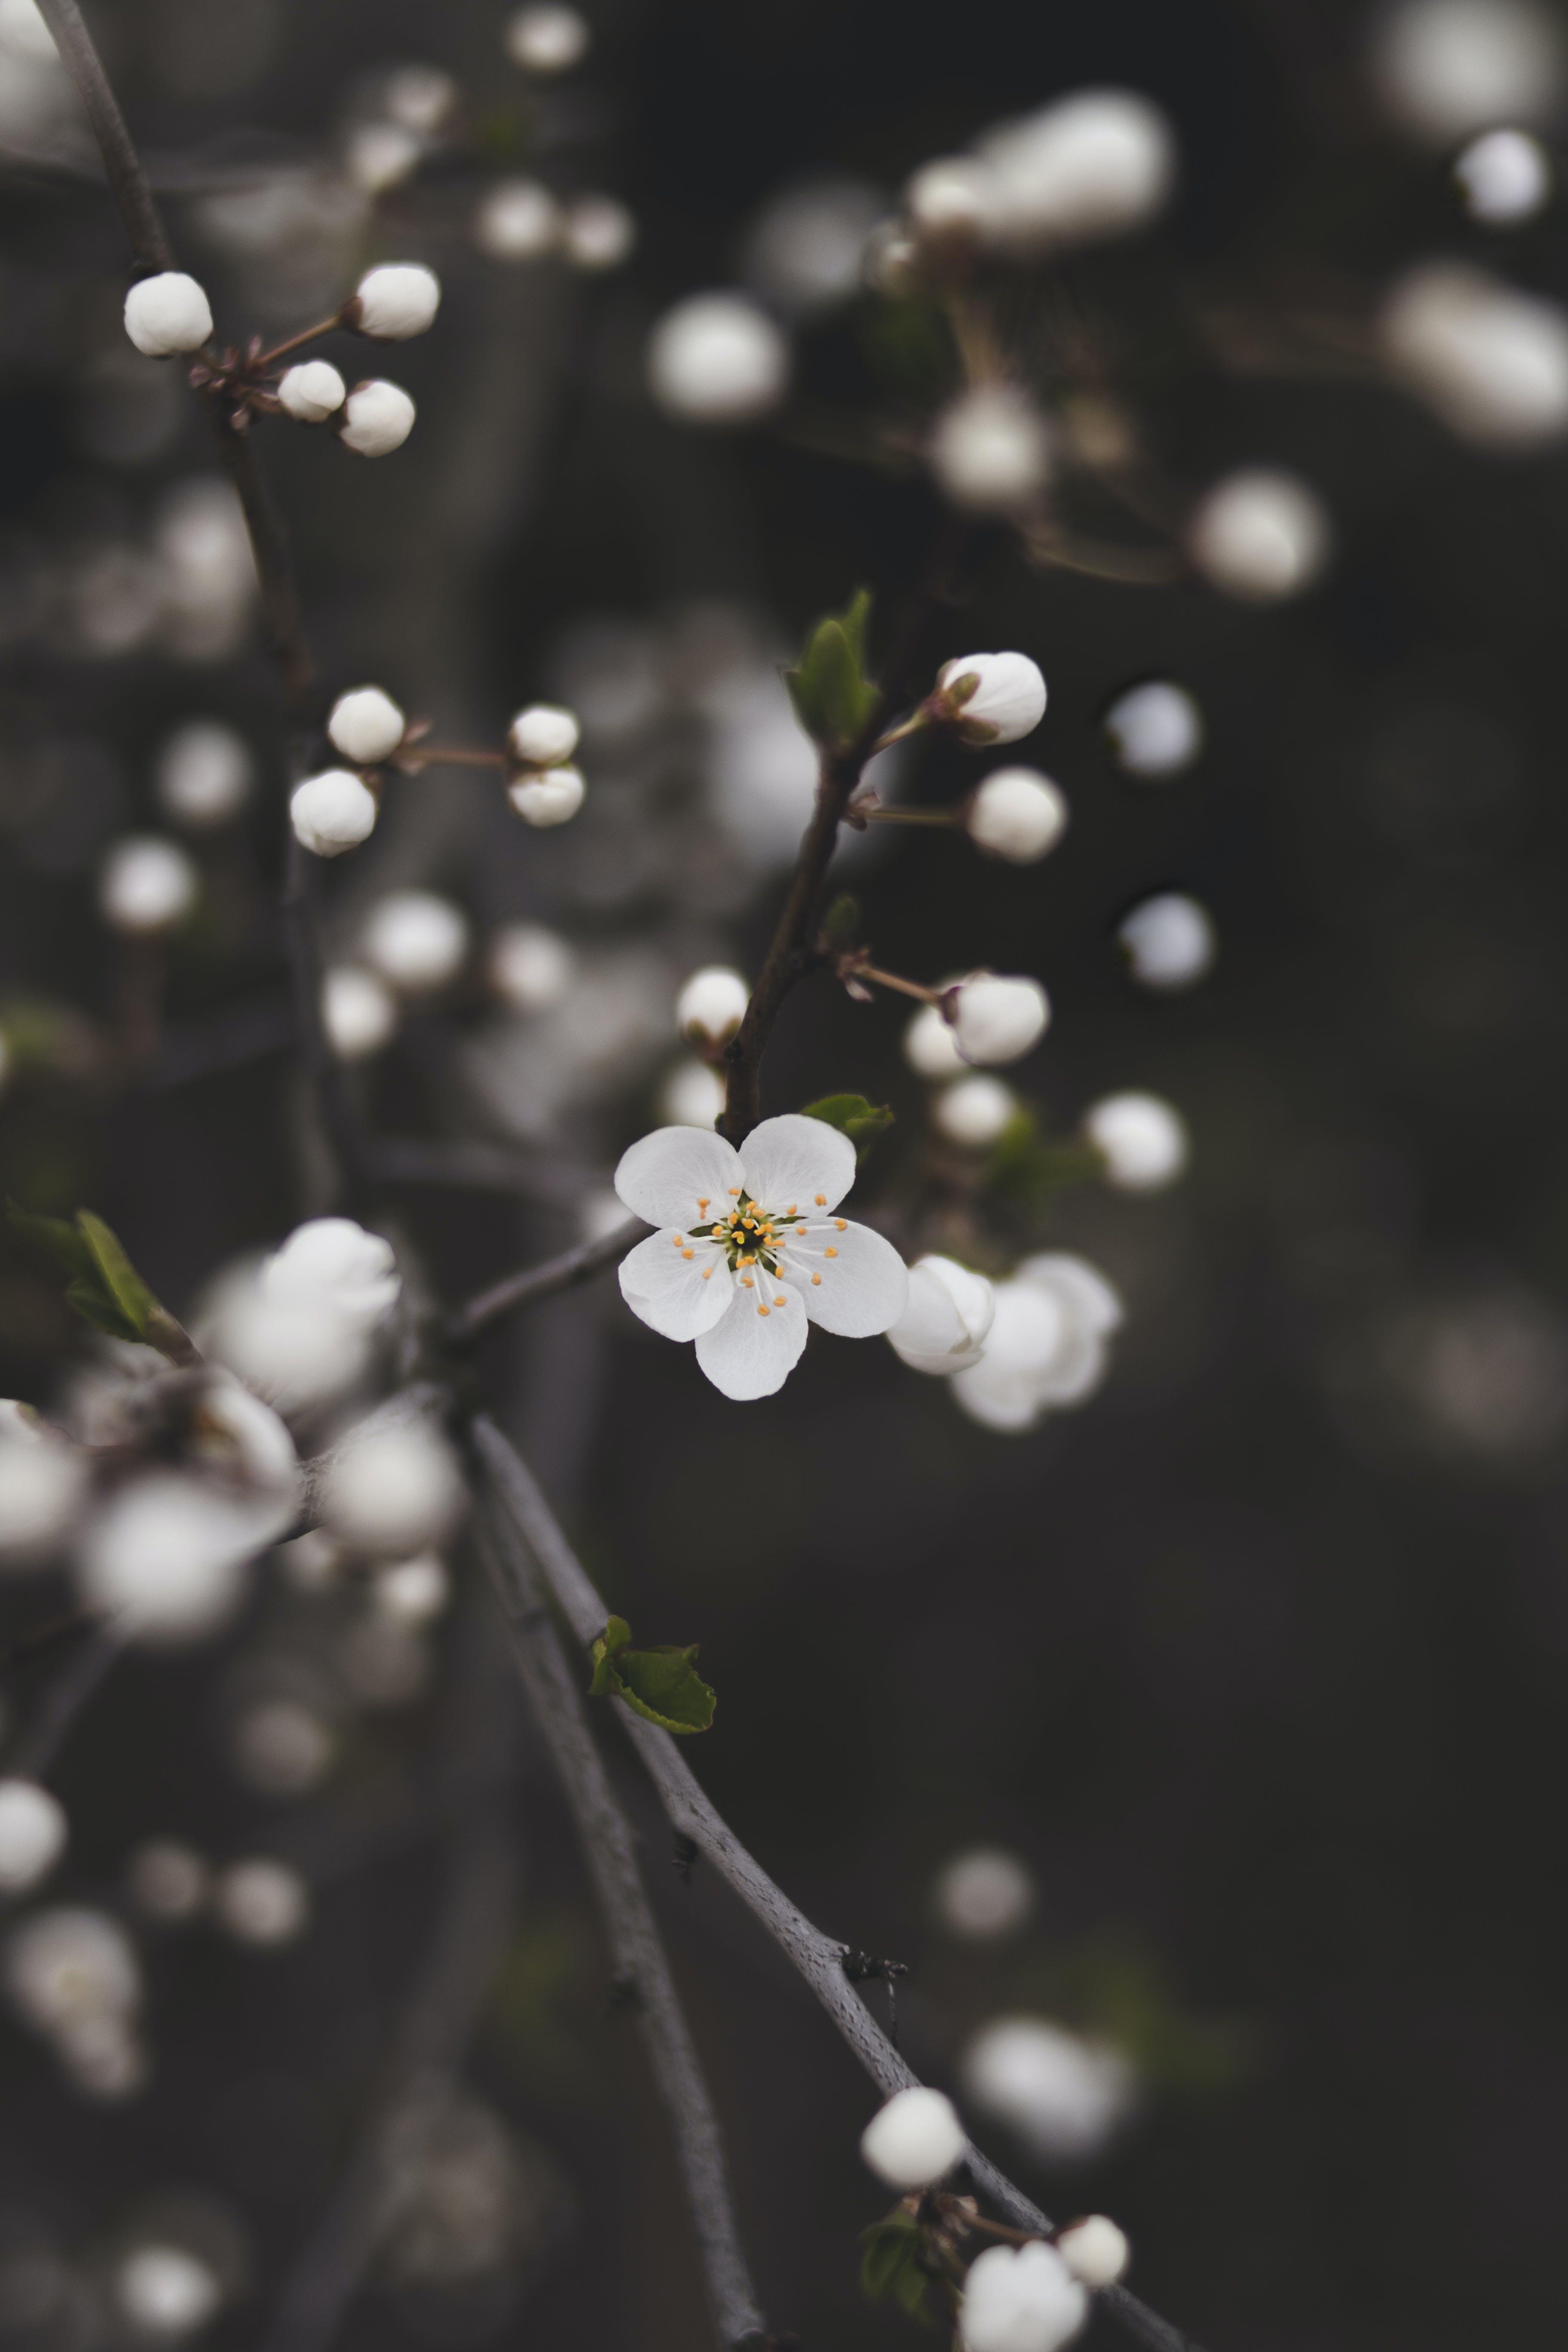 Δωρεάν στοκ φωτογραφιών με ανάπτυξη, ανθισμένος, άνθος, άνθος μηλιάς